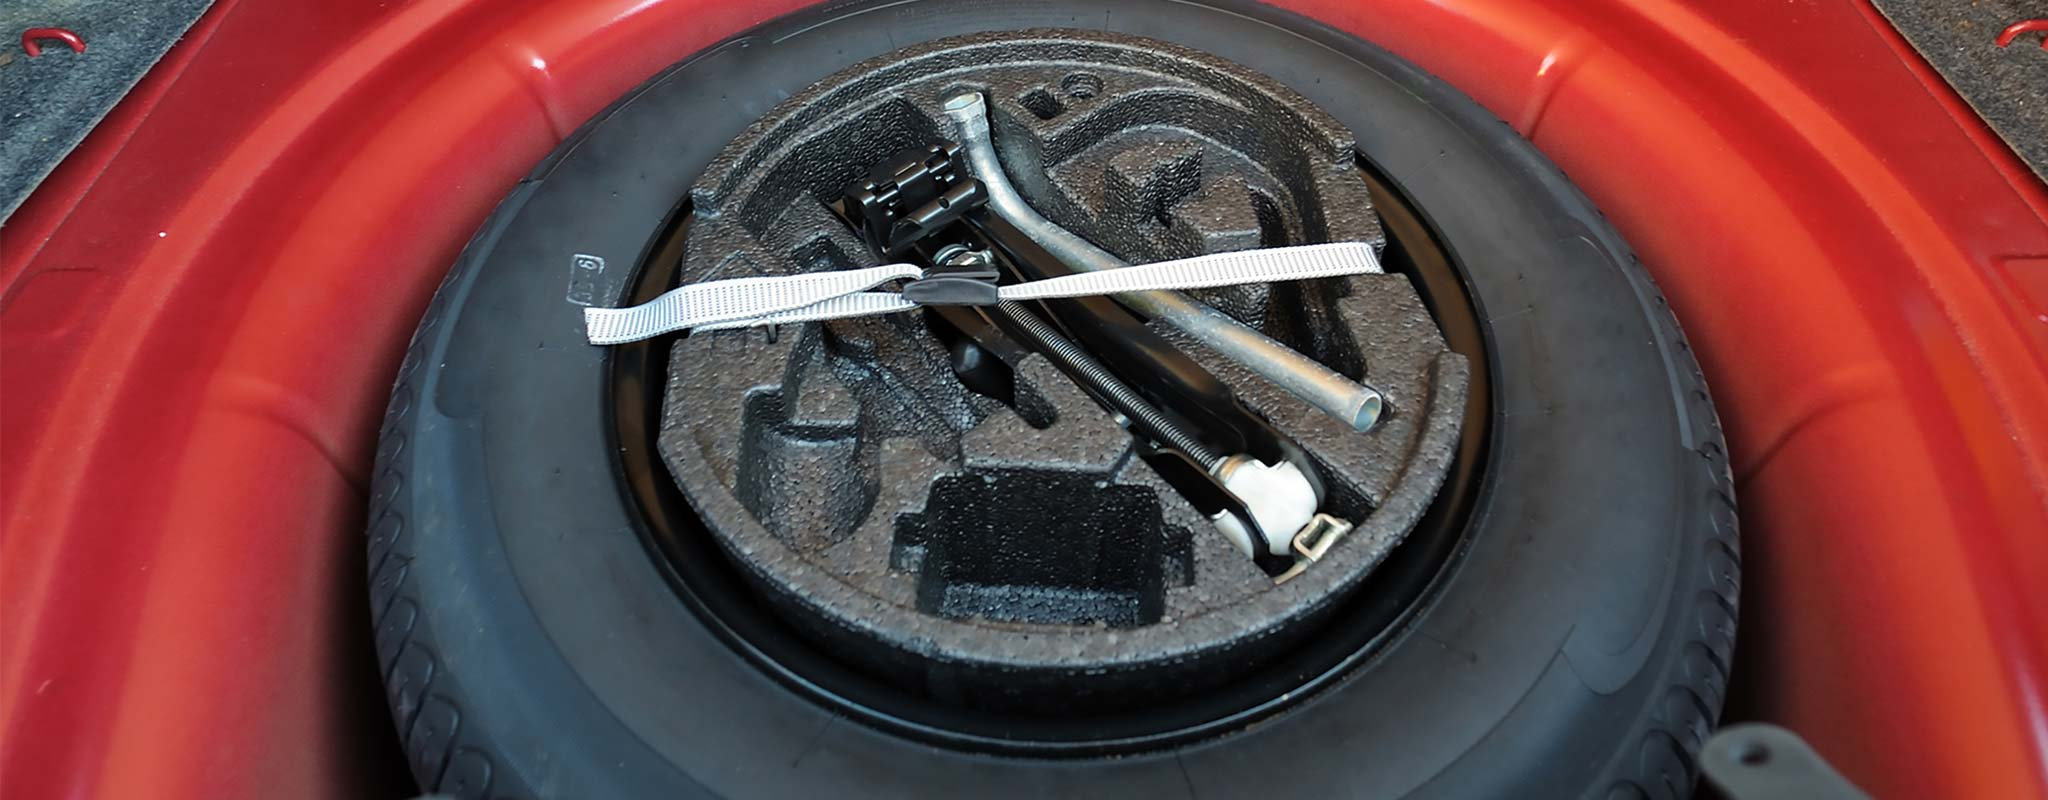 A spare tire in a car trunk.